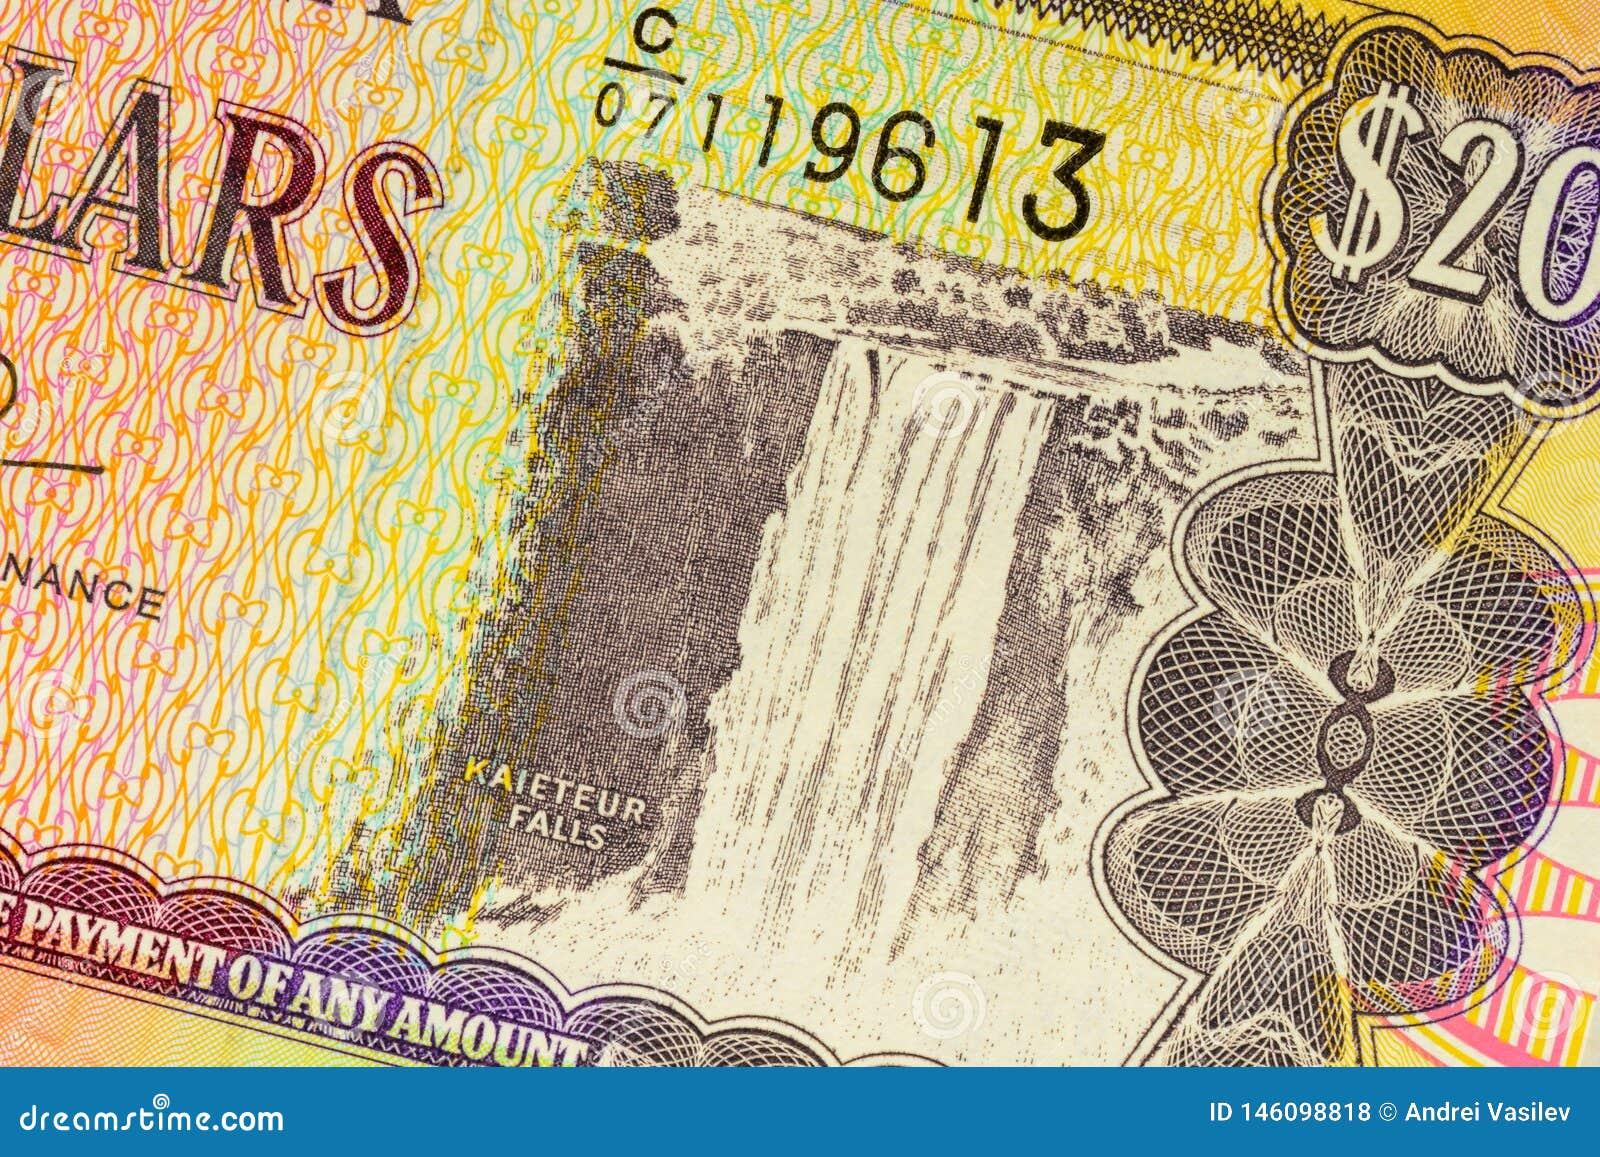 Parte de veinte dólares de Gayana de fondo del billete de banco Foto de alta resolución de la cuenta gayanian de la parte delante